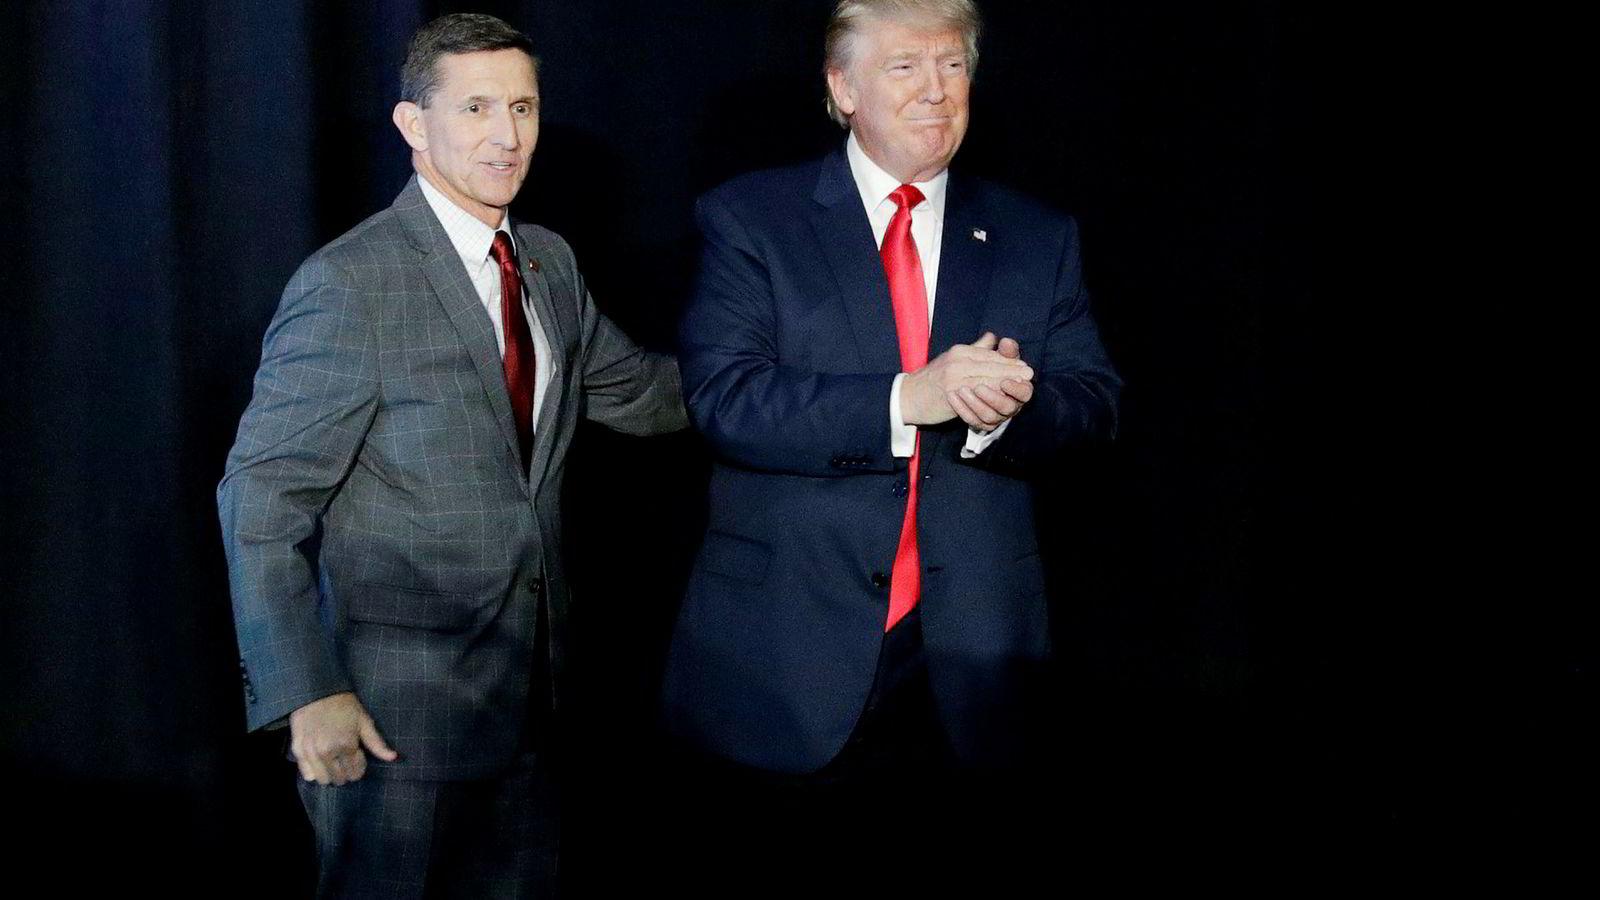 President Donald Trump ringte sin nasjonale sikkerhetsrådgiver Mike Flynn (til venstre) midt på natten for å snakke om dollarkursen.